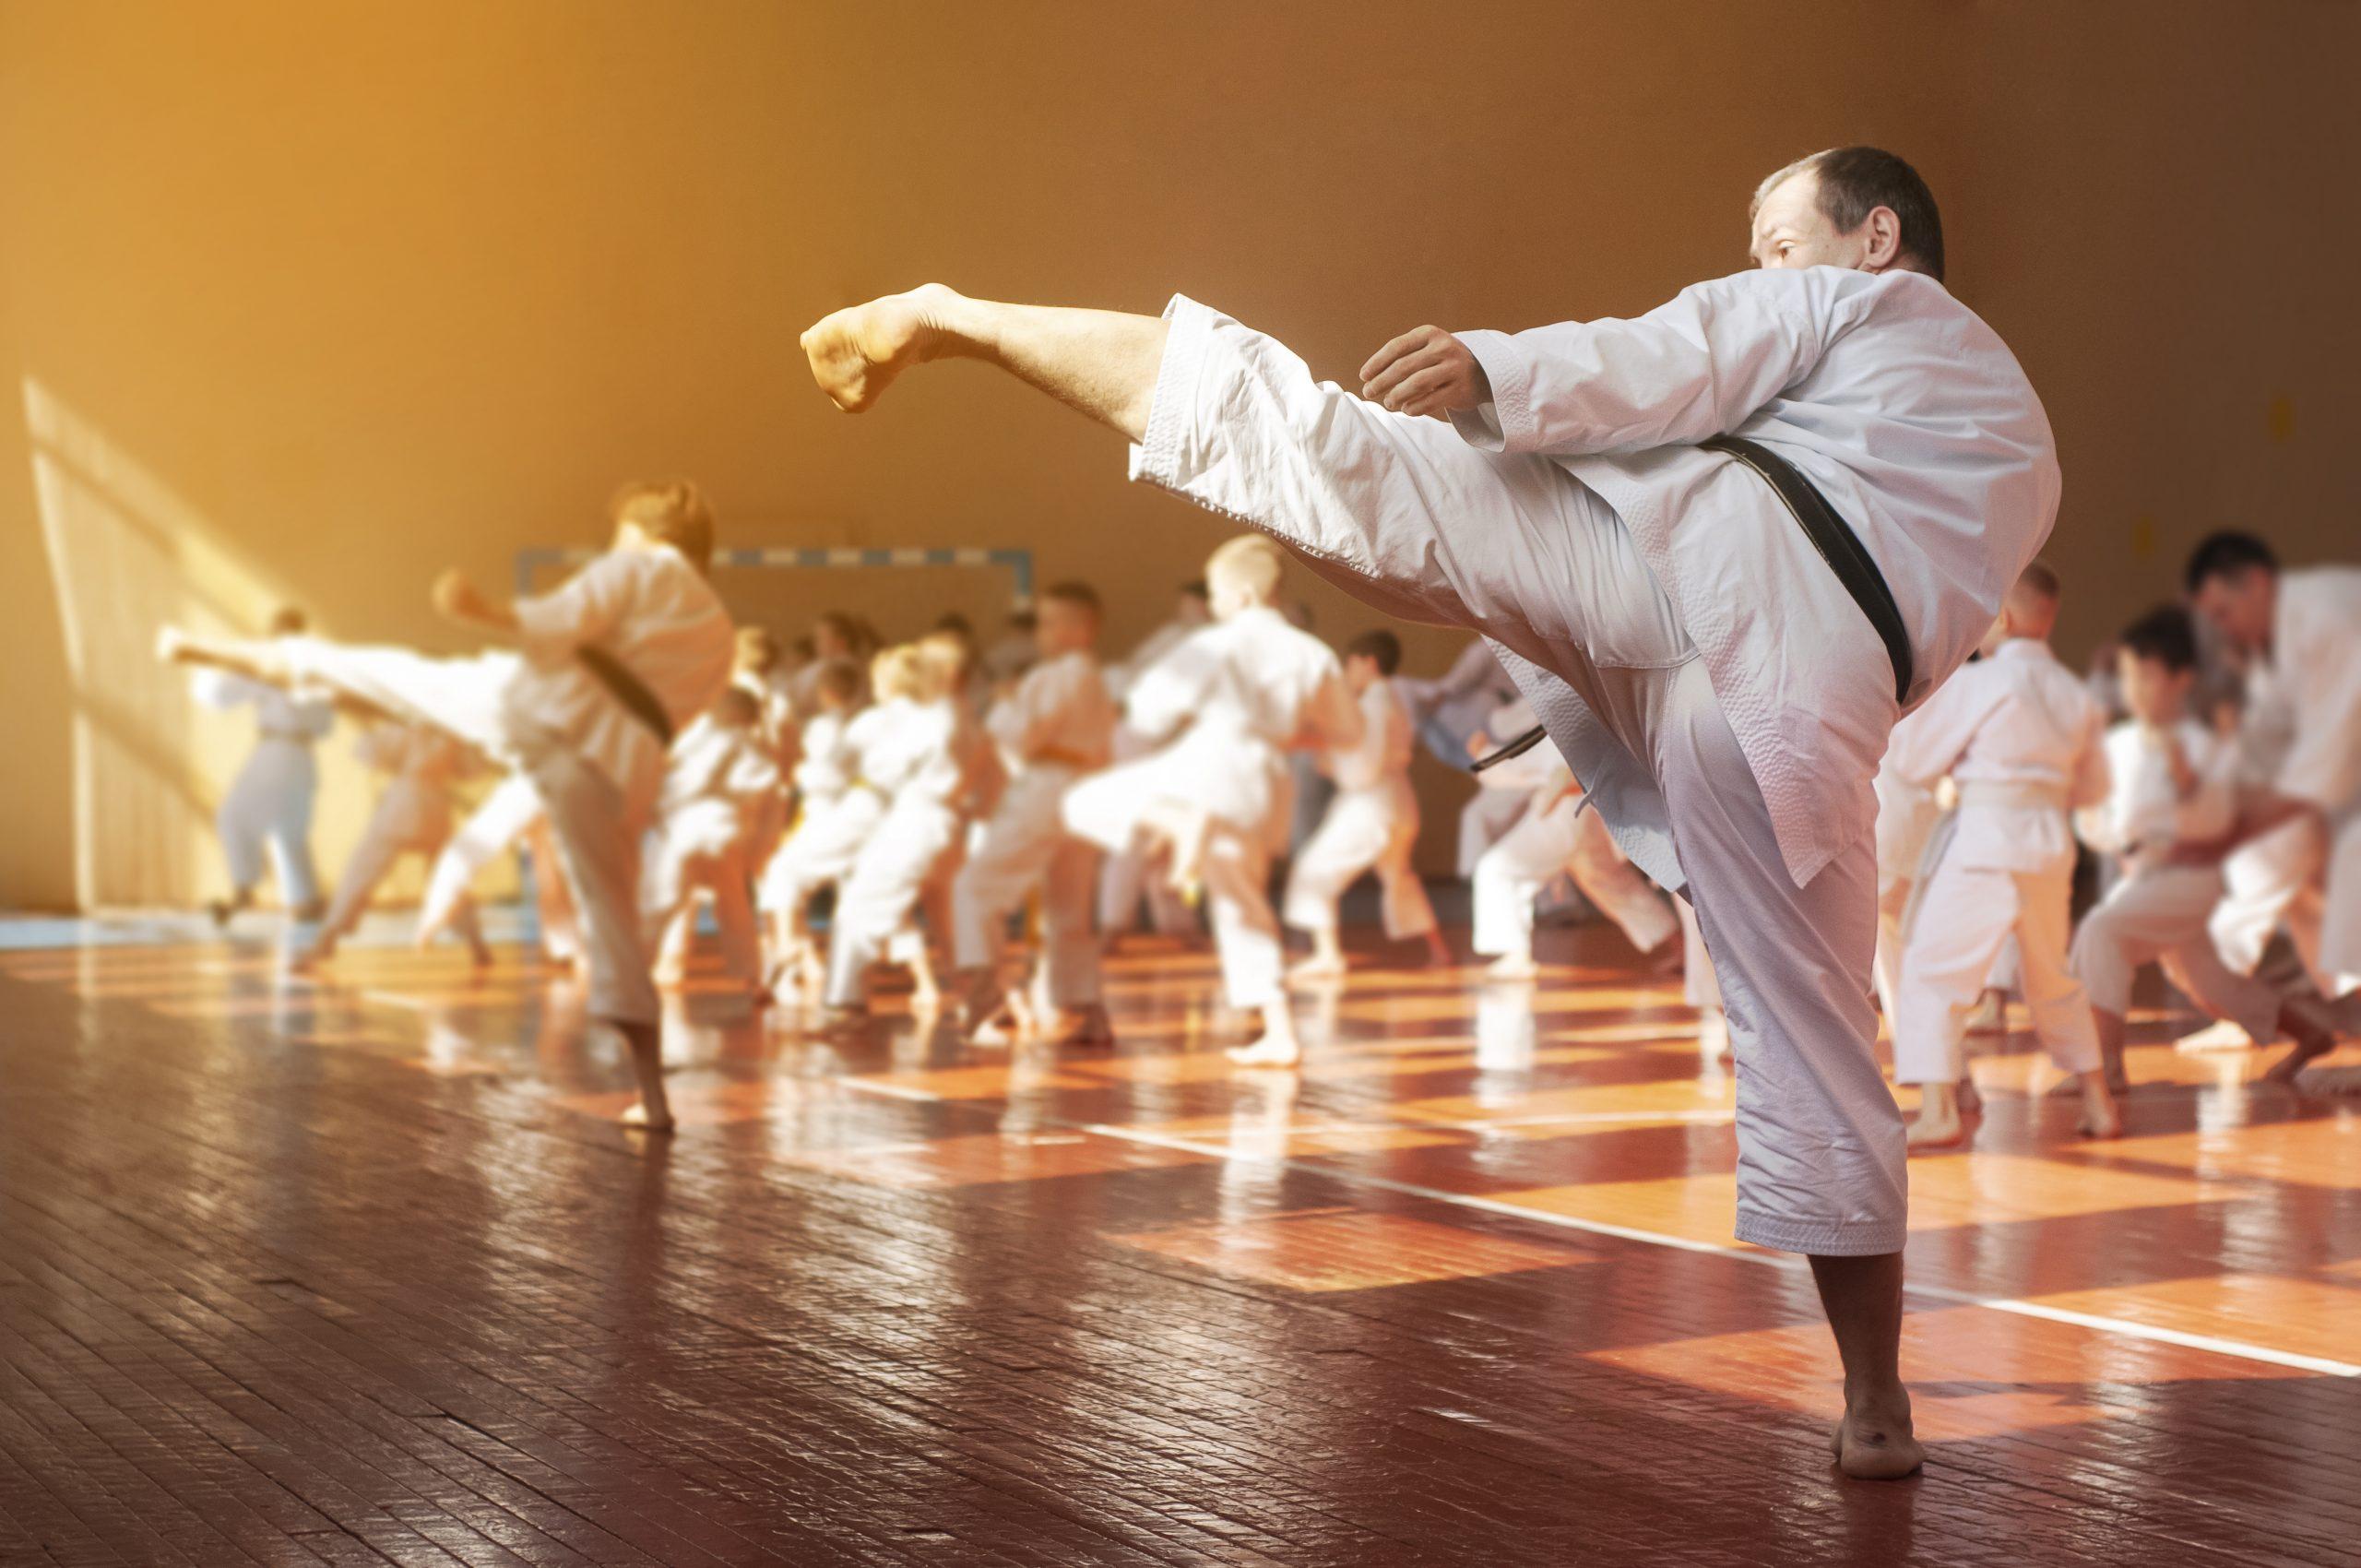 Karate adult